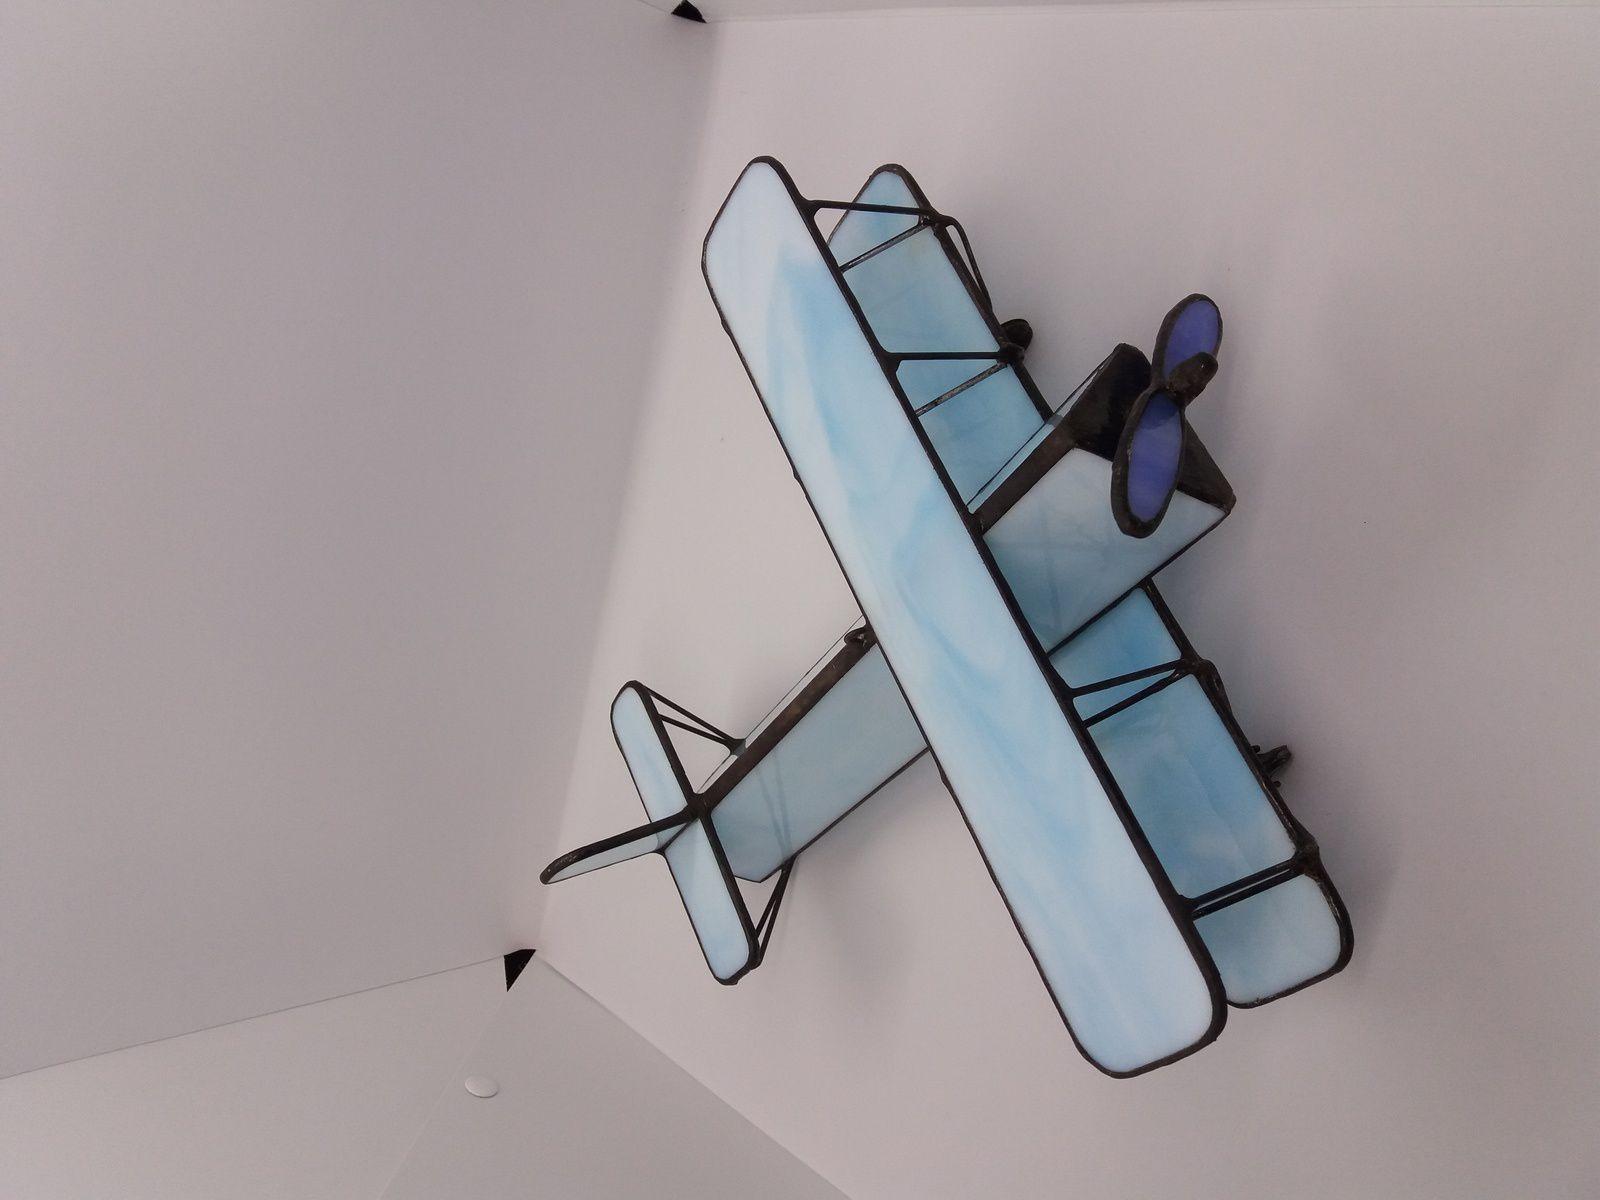 Réalisation d'un avion biplan en vitrail